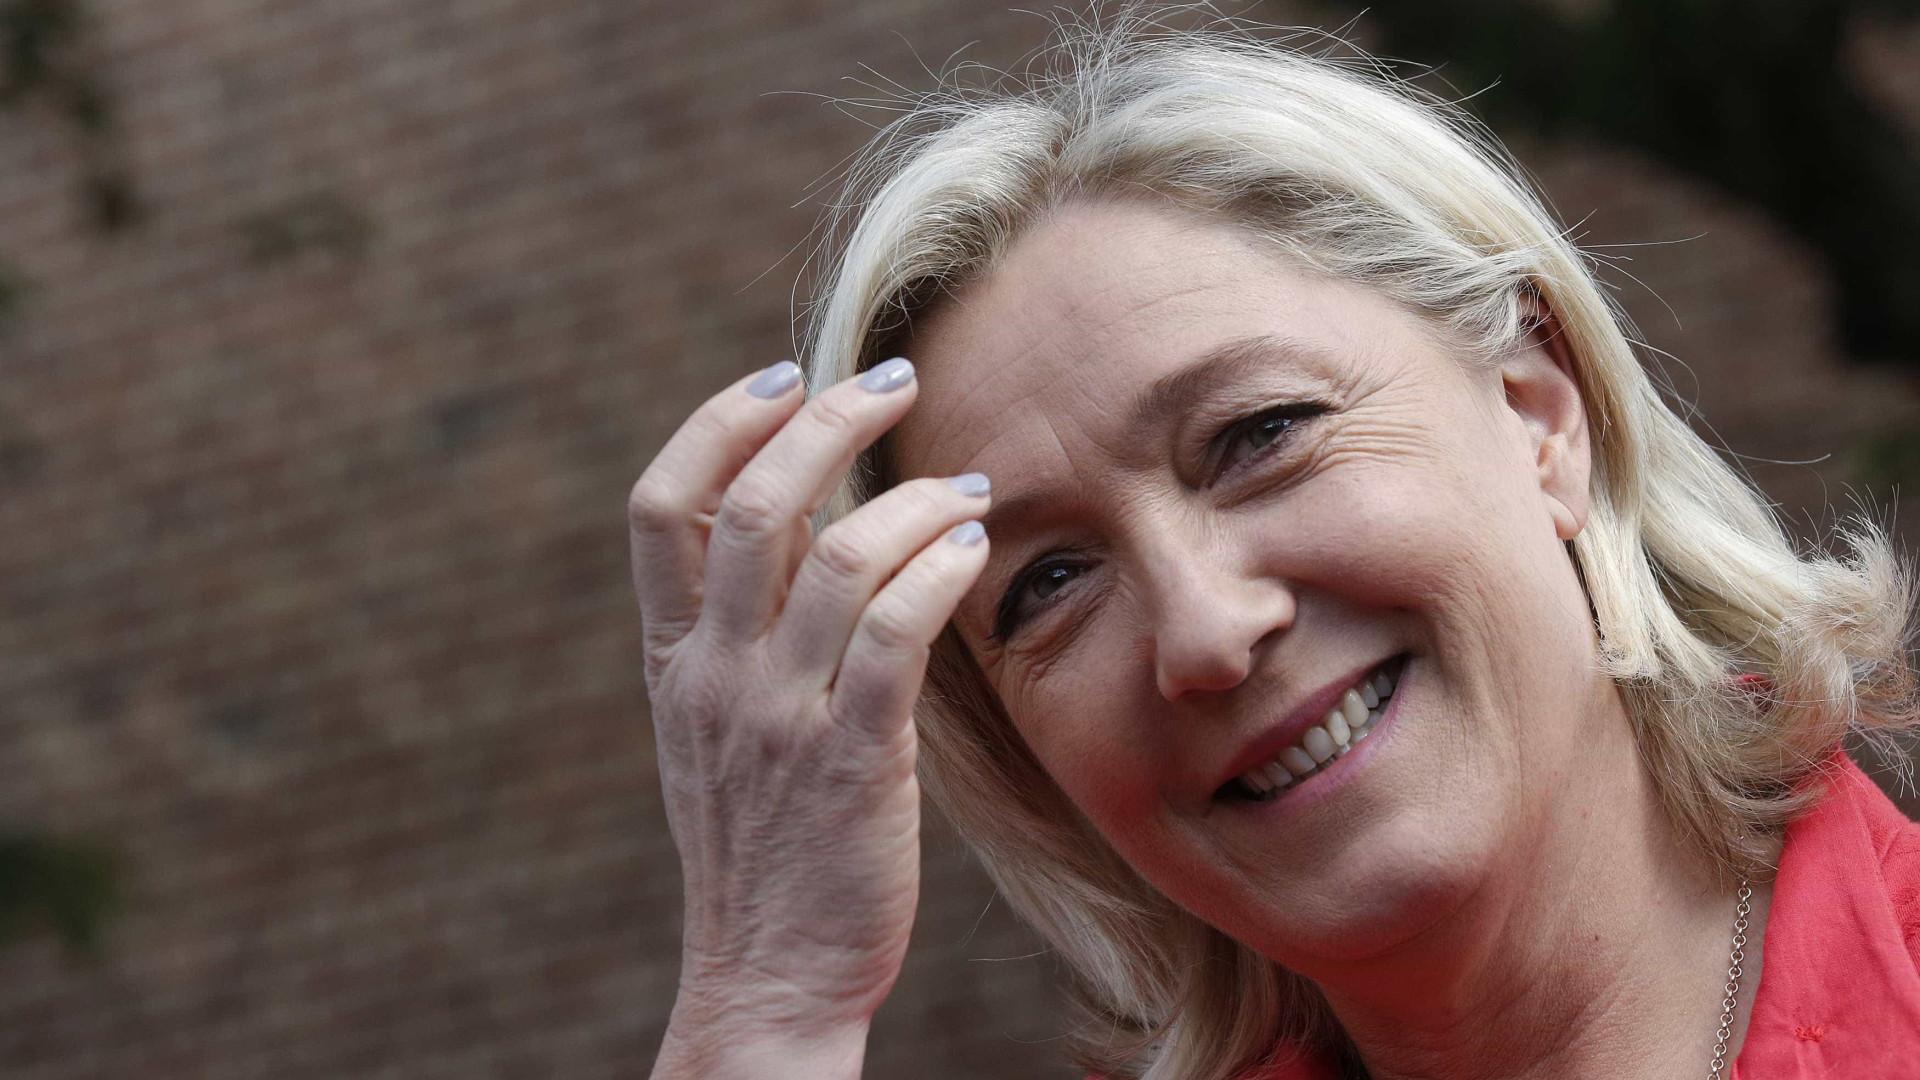 Web Summit e Marine Le Pen entre canção paródica e notícias breves